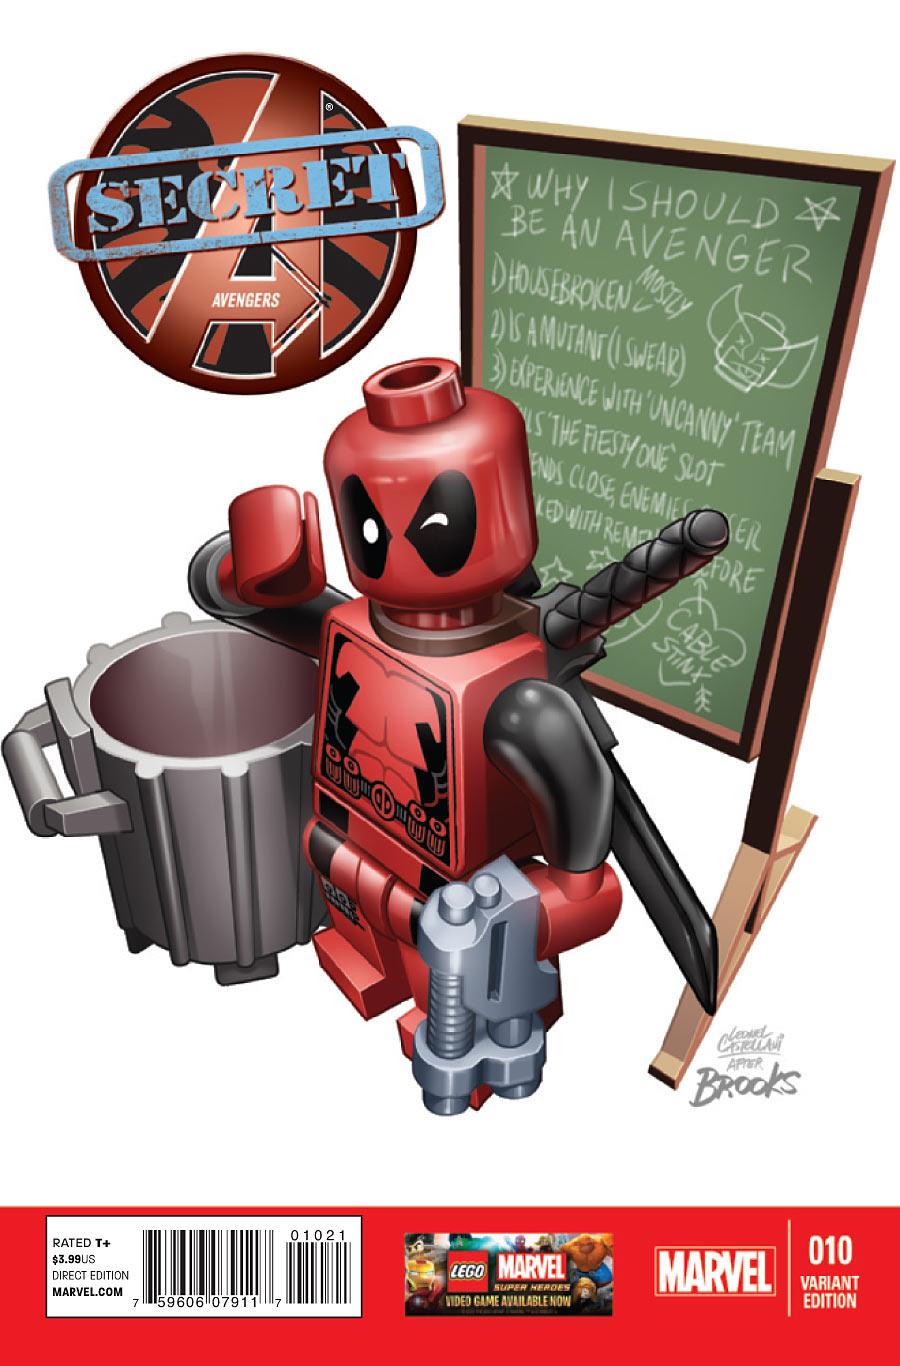 Secret Avengers Vol 2 10 LEGO Variant.jpg